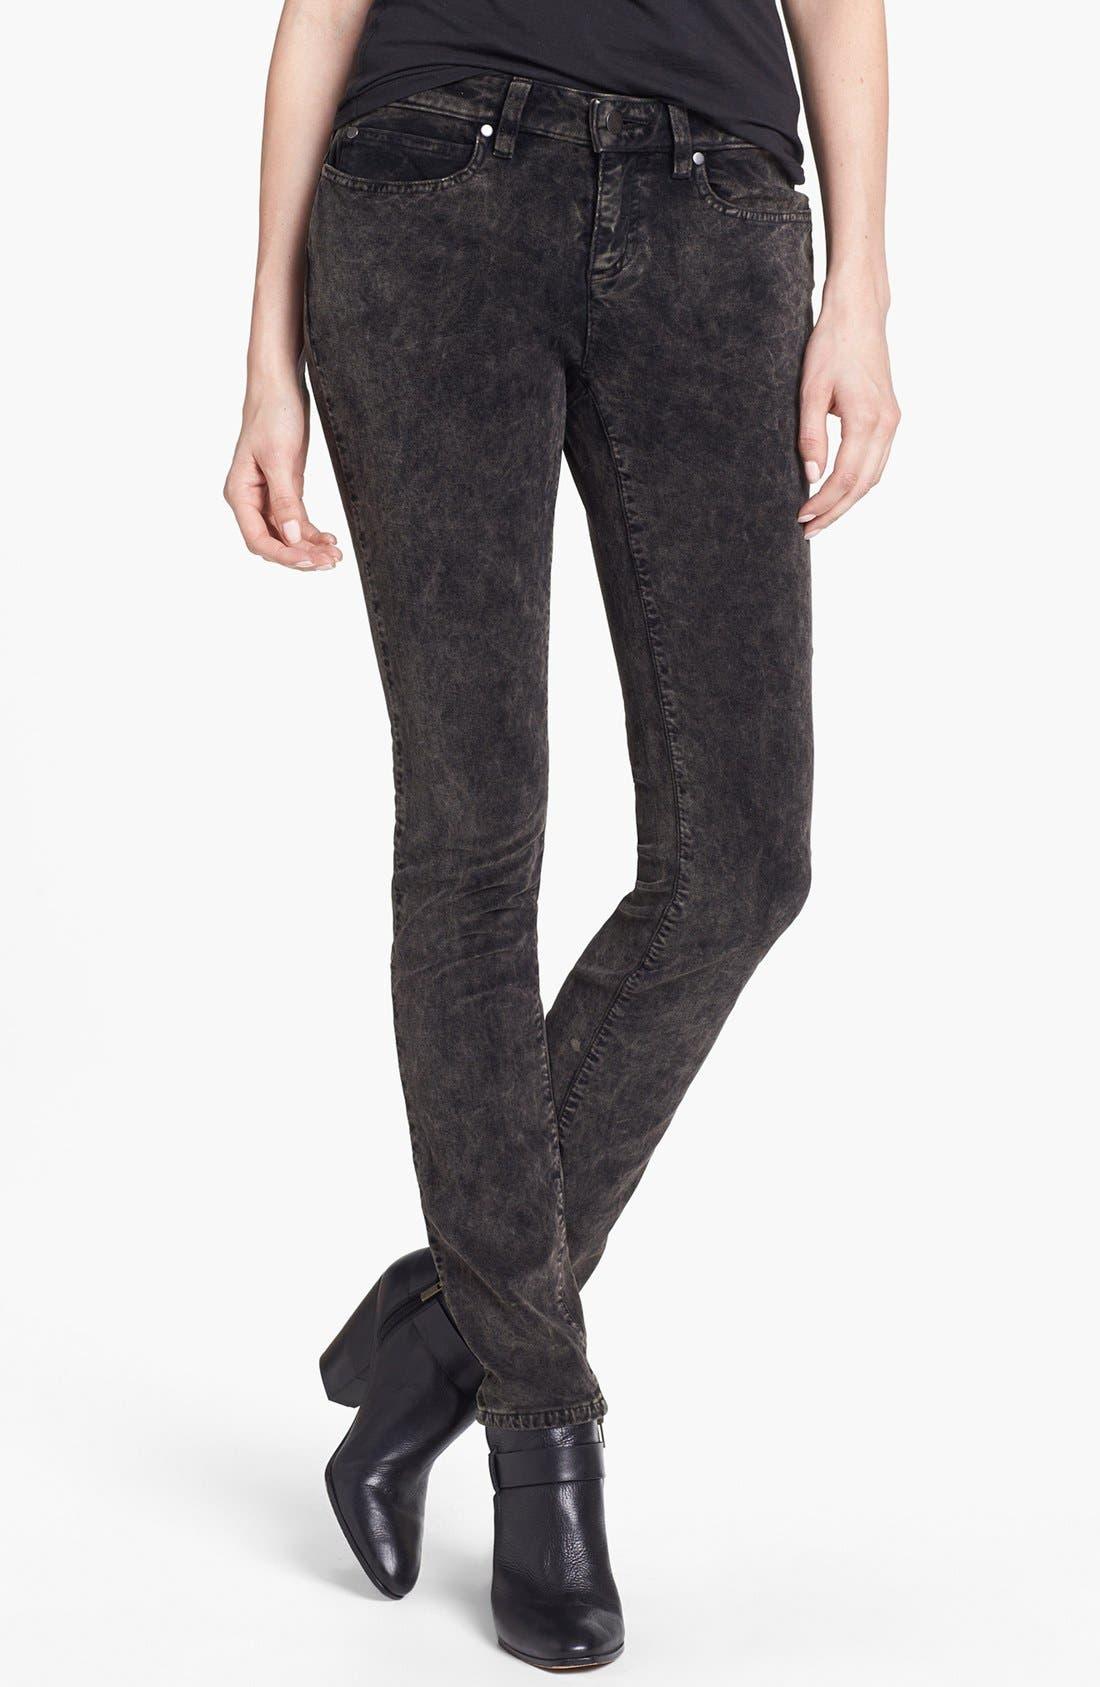 Alternate Image 1 Selected - Eileen Fisher Stretch Velveteen Skinny Jeans